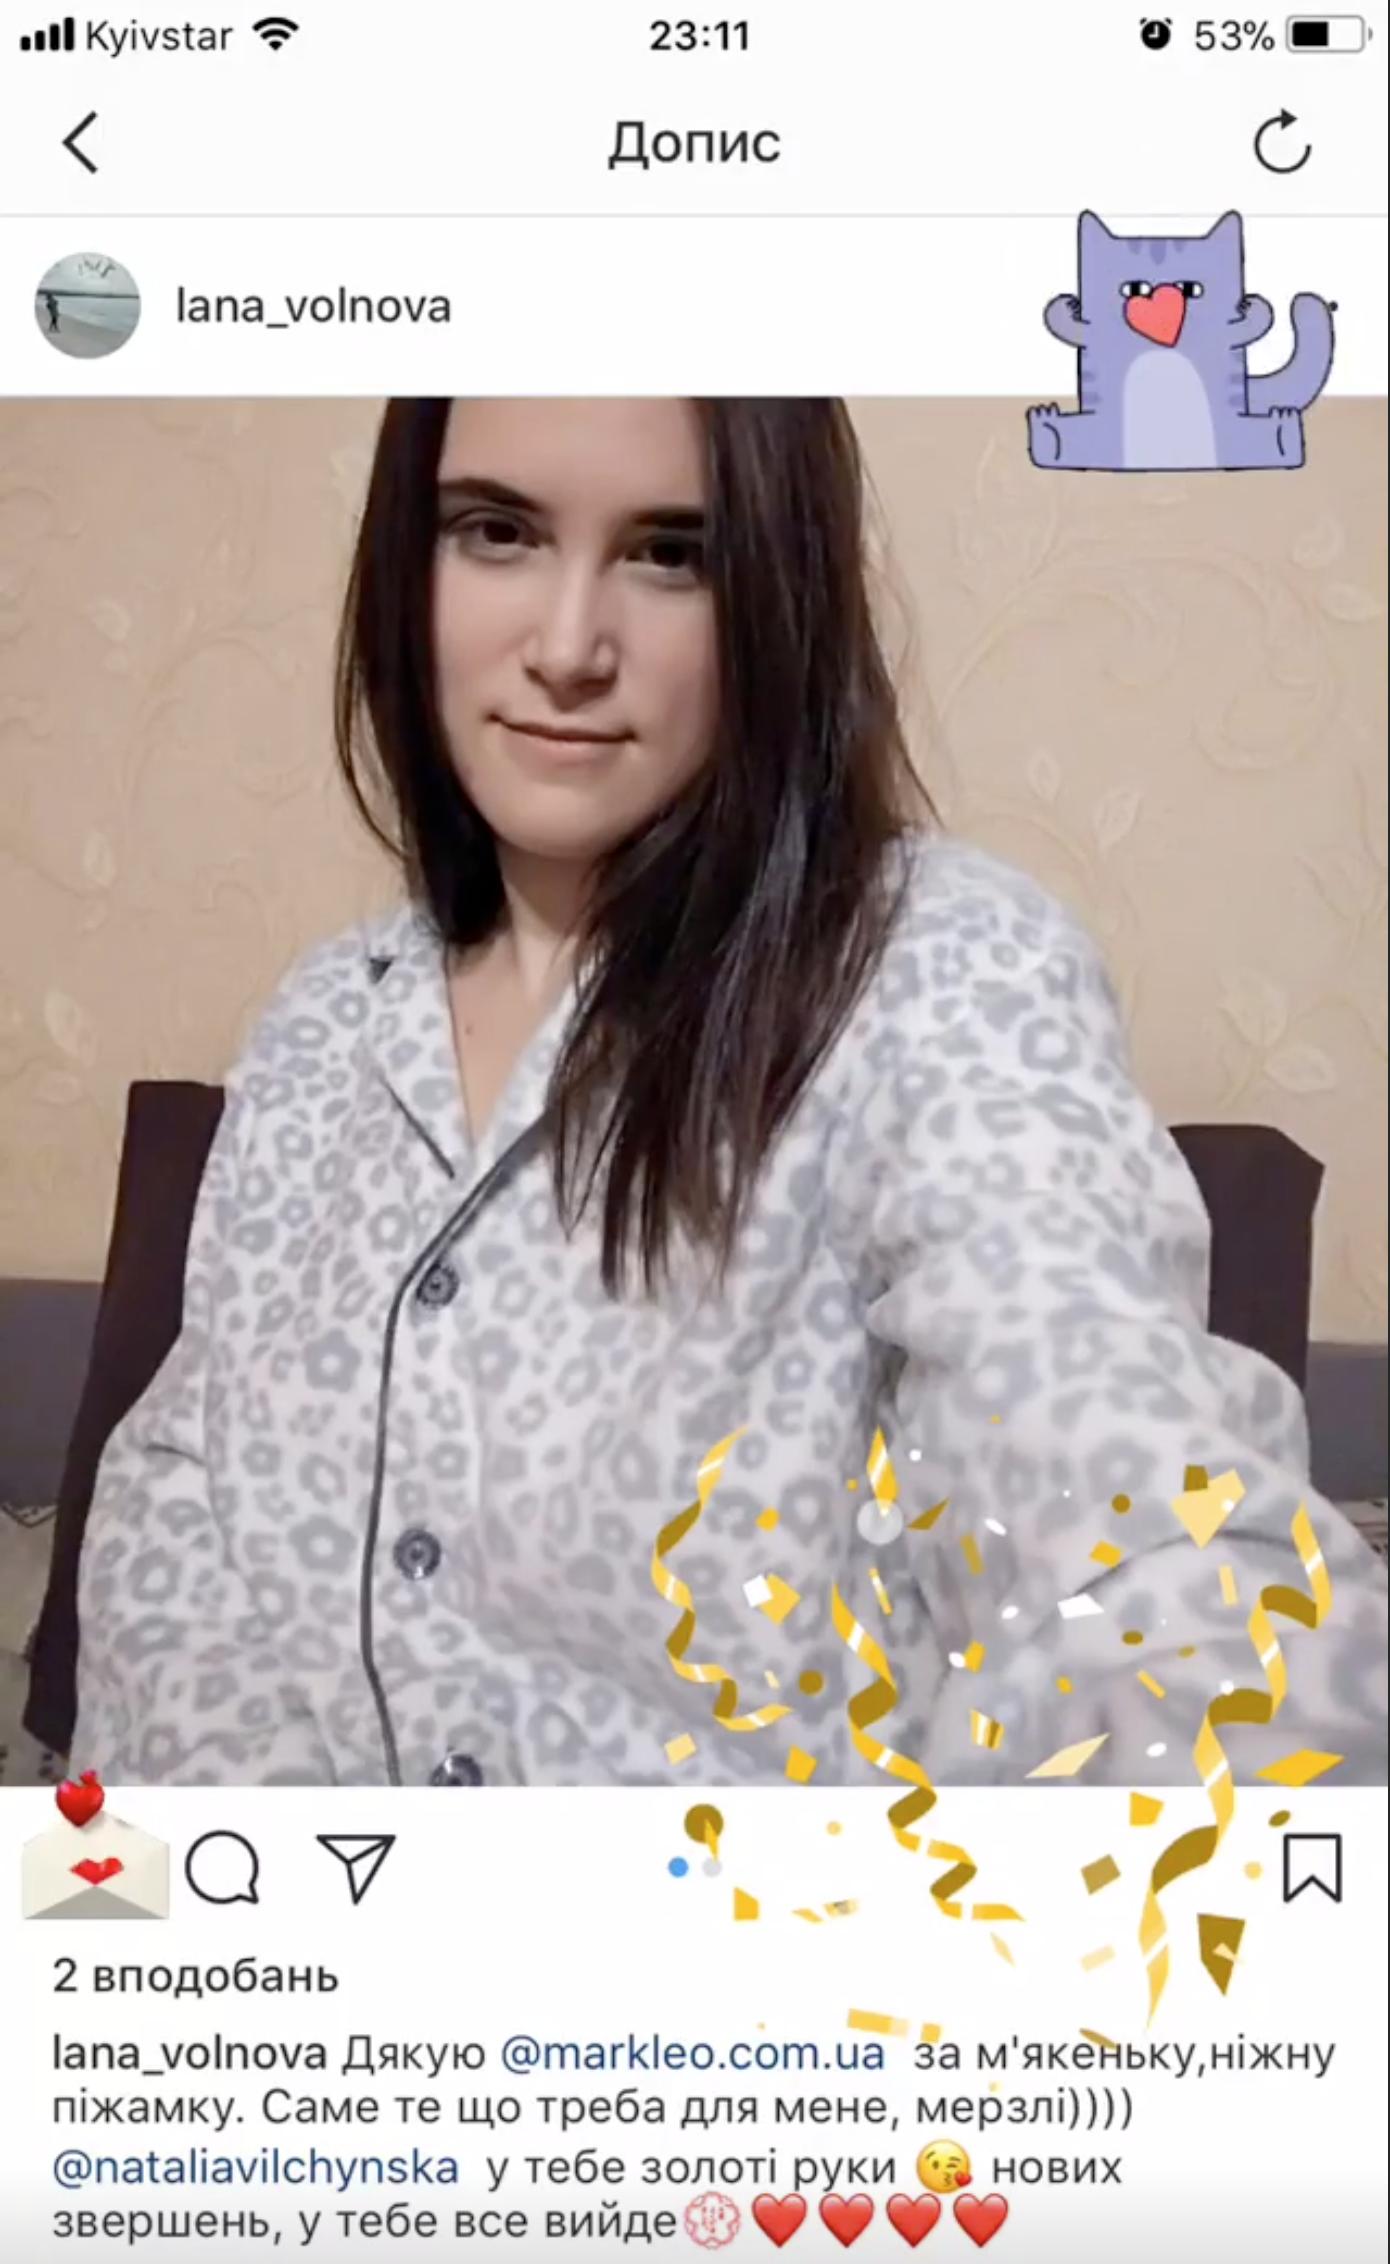 @lana_volnova